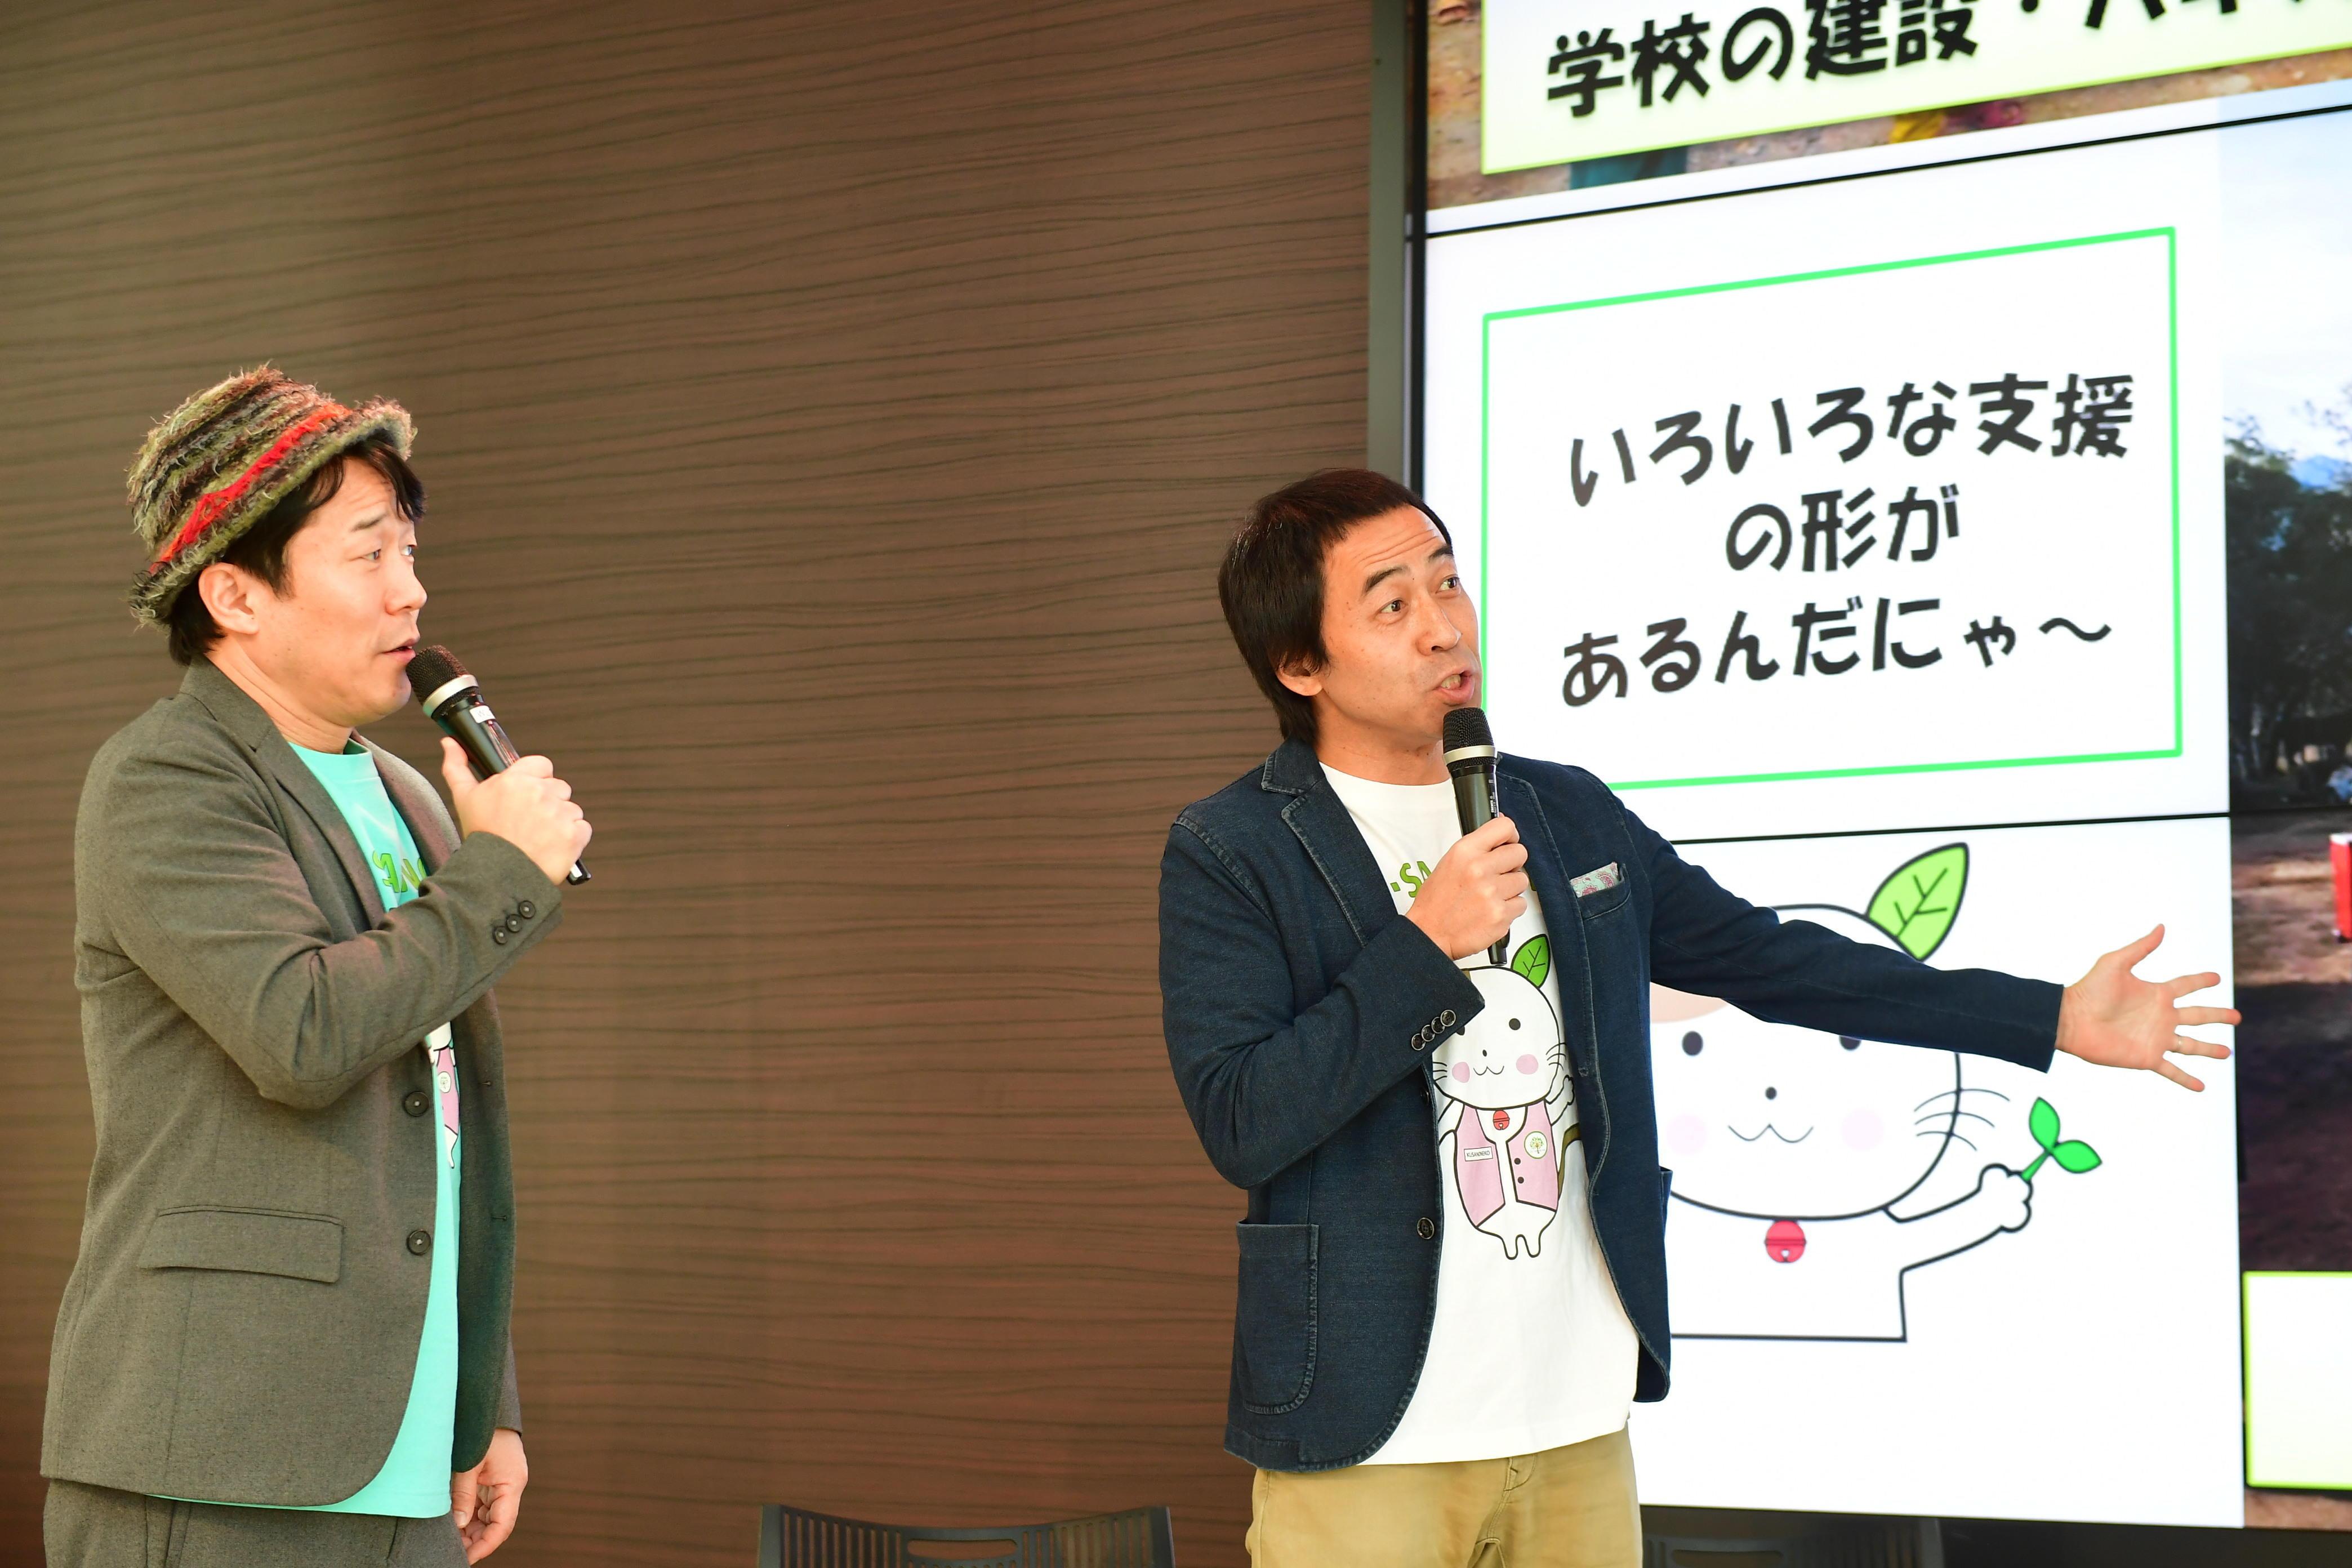 http://news.yoshimoto.co.jp/20190203131308-a6dbea26269e7b49b4a125fd4bd998b2ba12c619.jpg